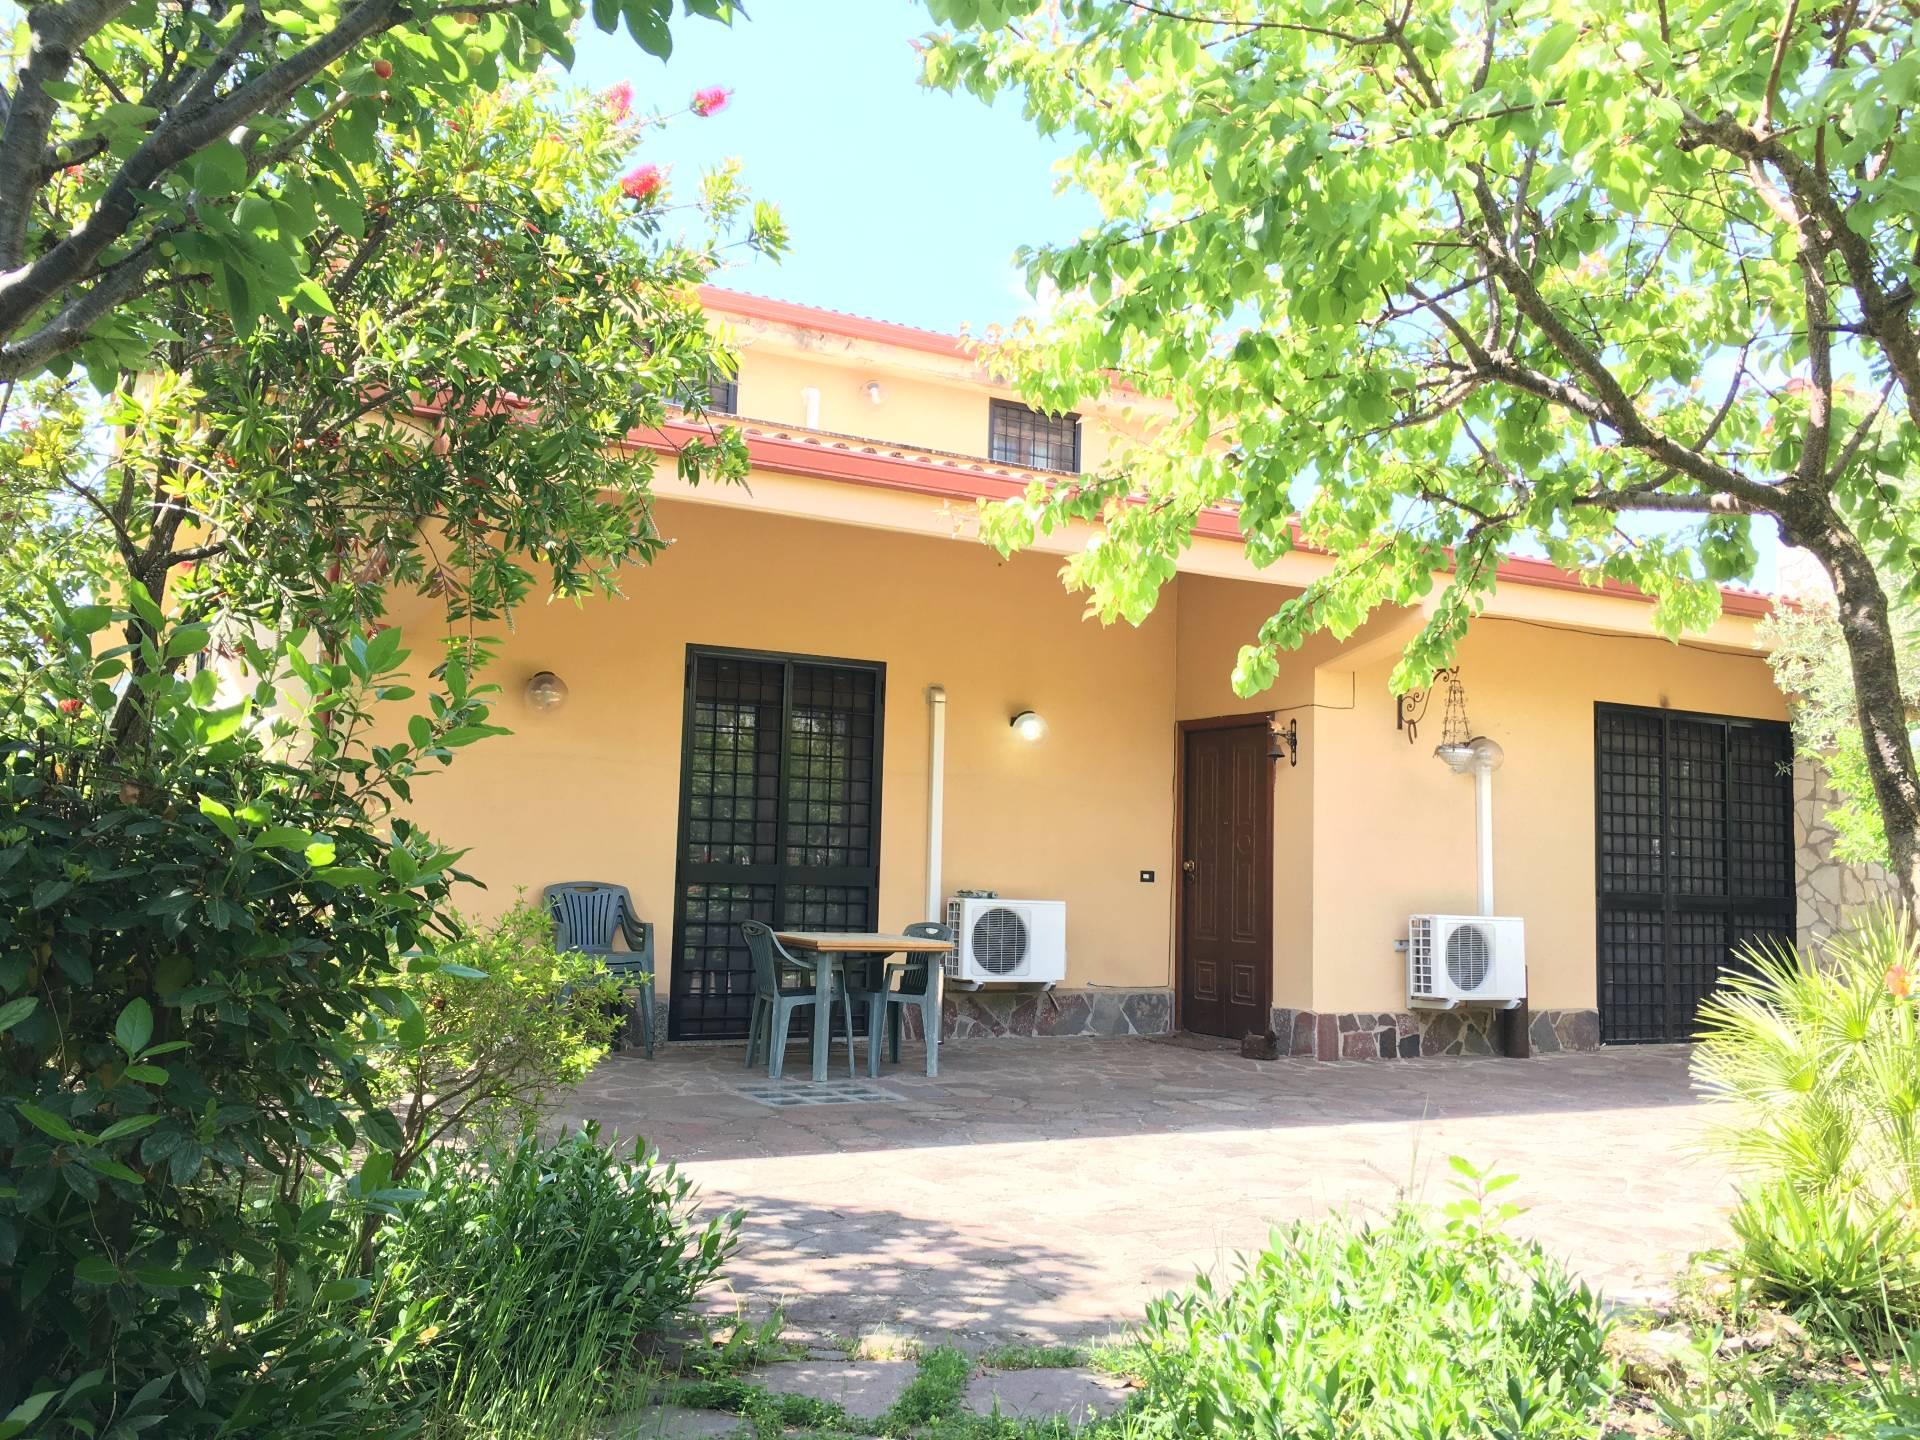 Ville bifamiliari in vendita a guidonia montecelio - Agenzie immobiliari guidonia ...